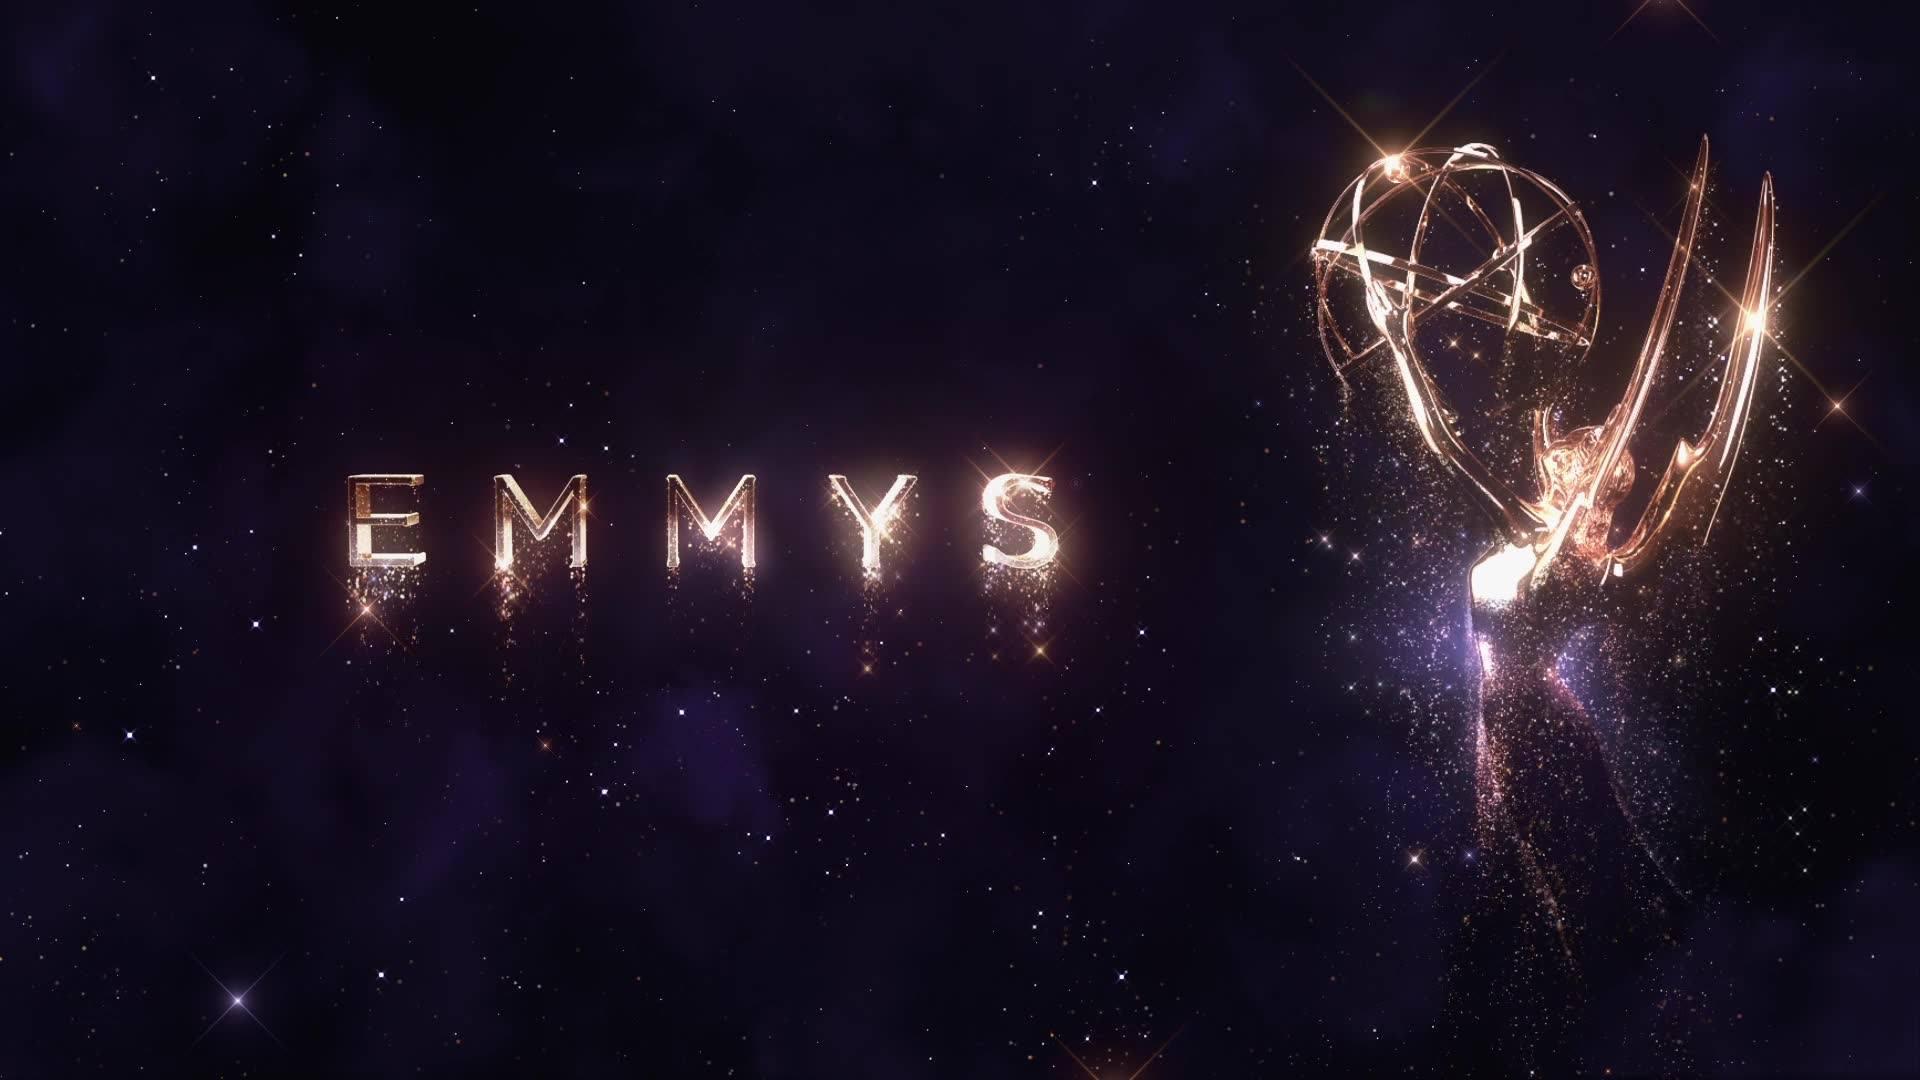 Emmy_Nom_2017_Webpage.jpg